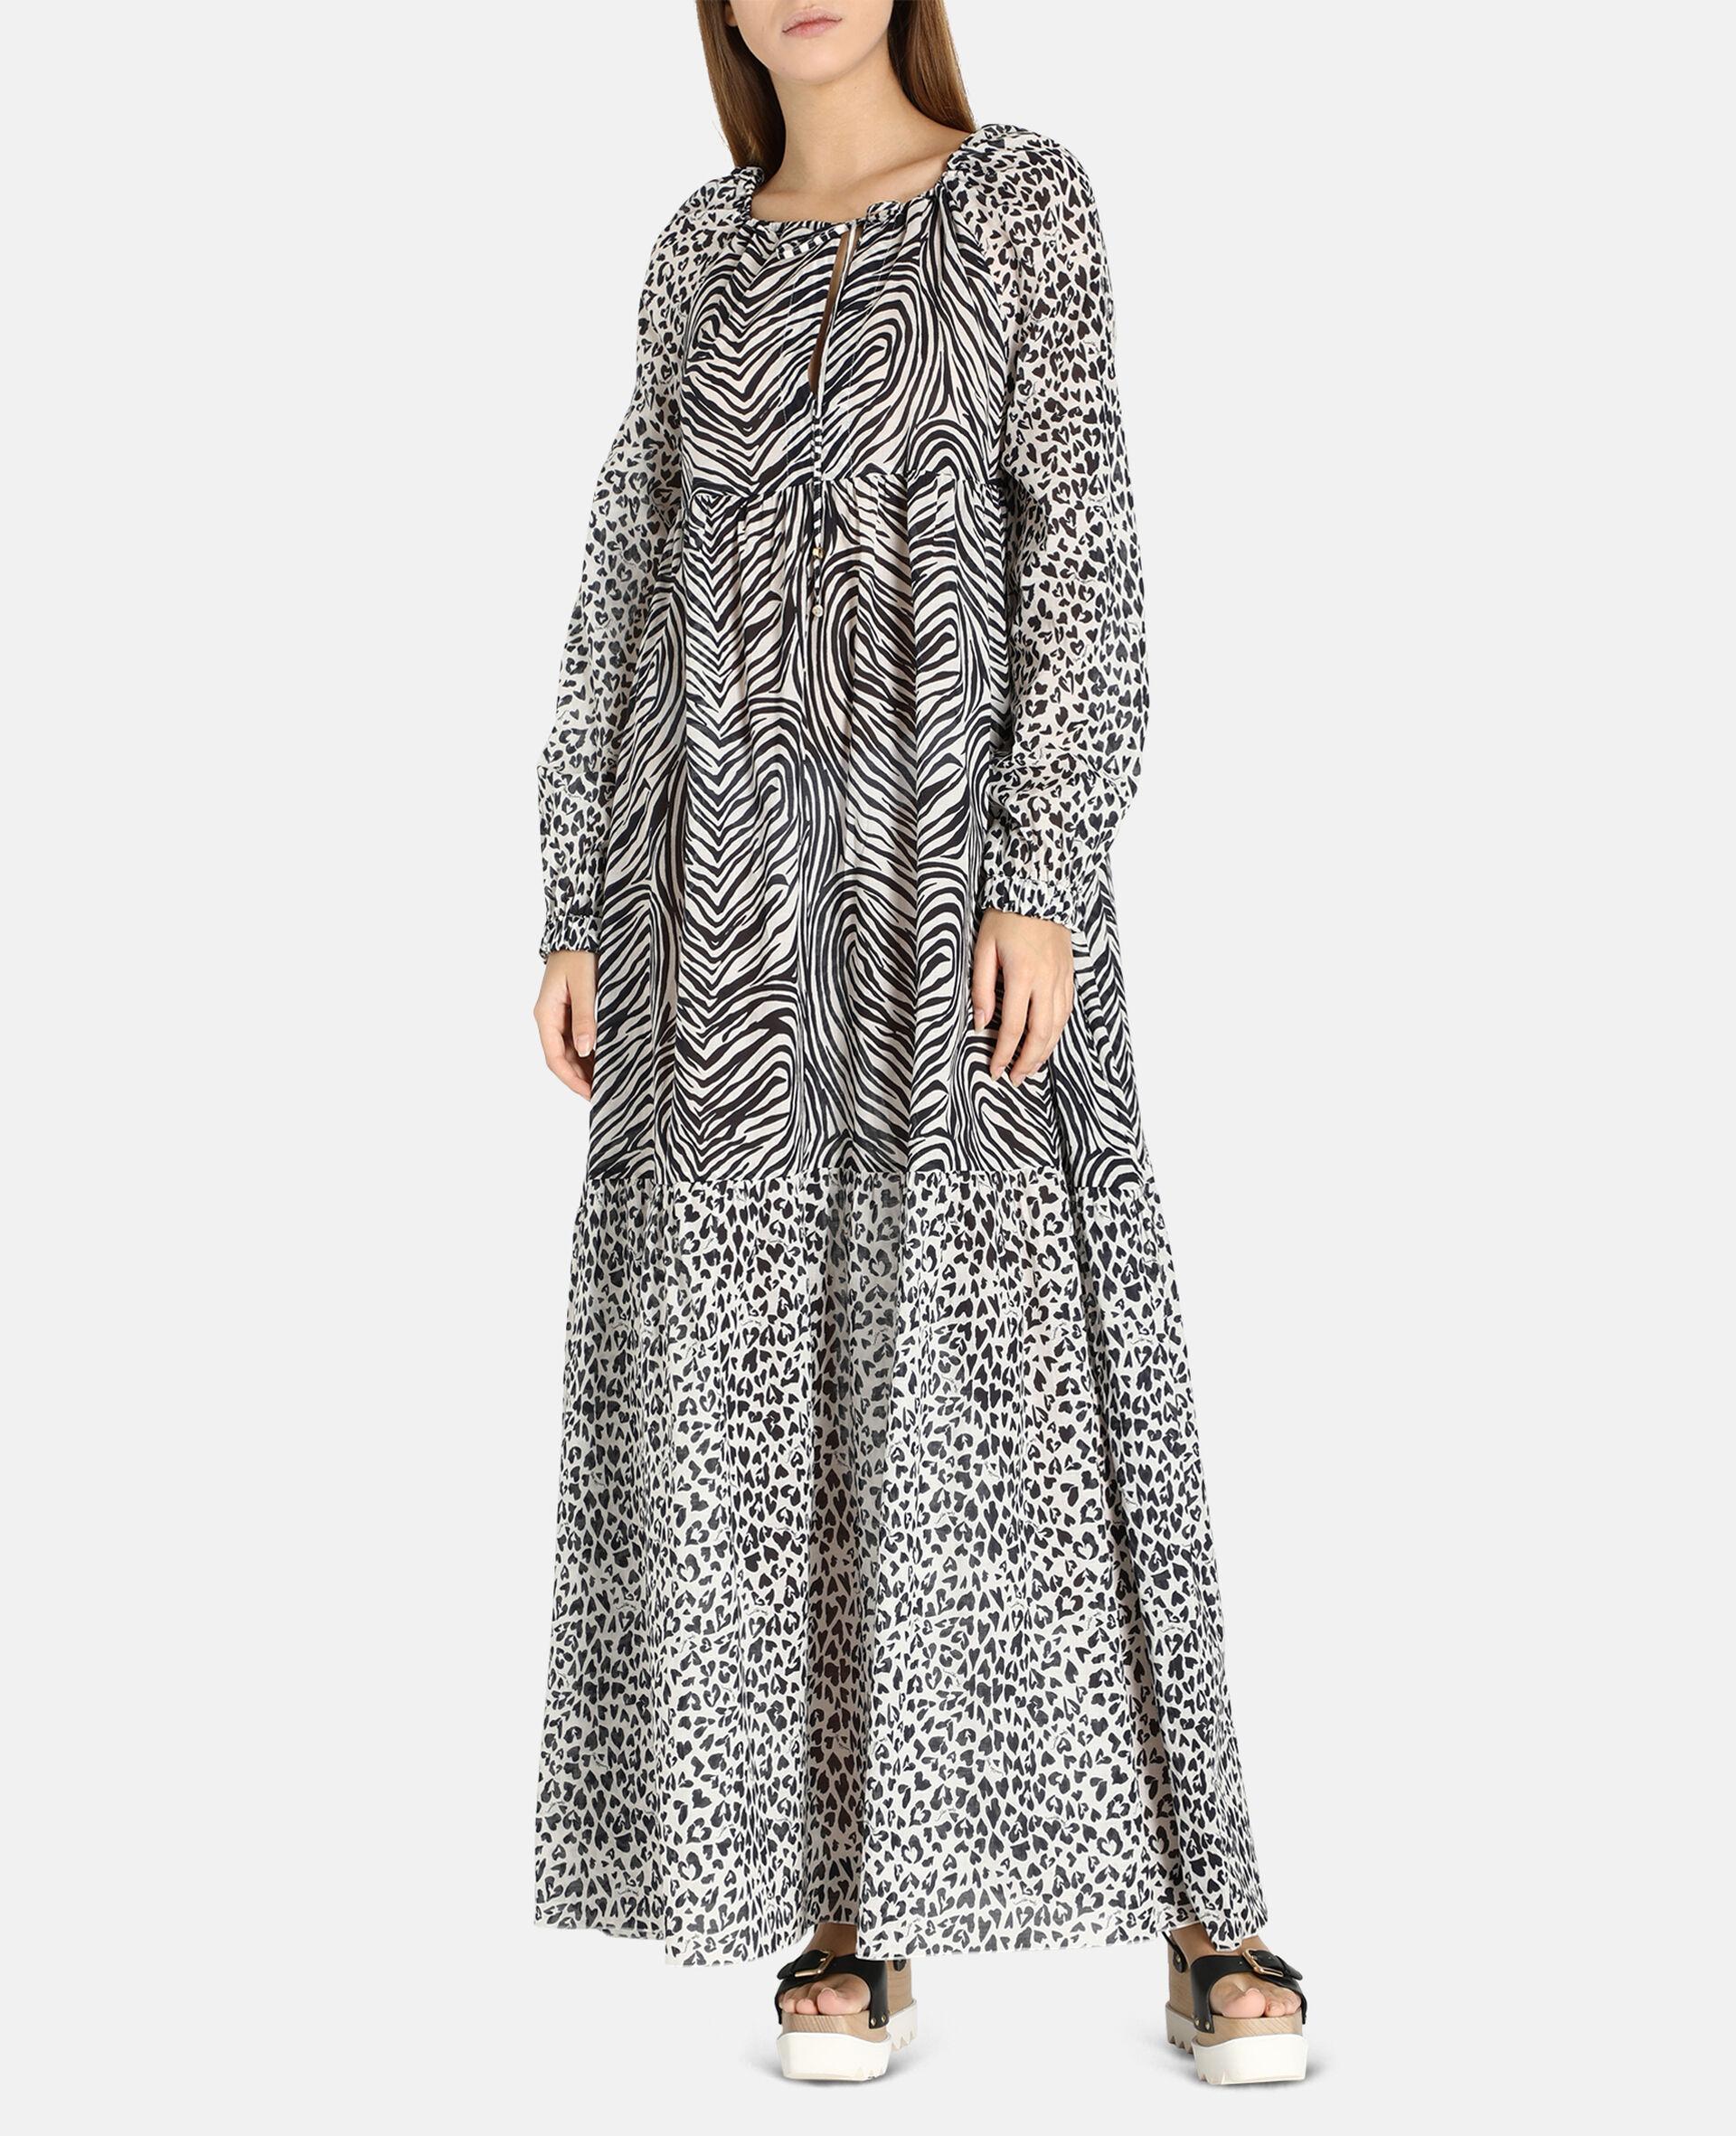 Robe longue à imprimé mix animalier-Noir-large image number 3